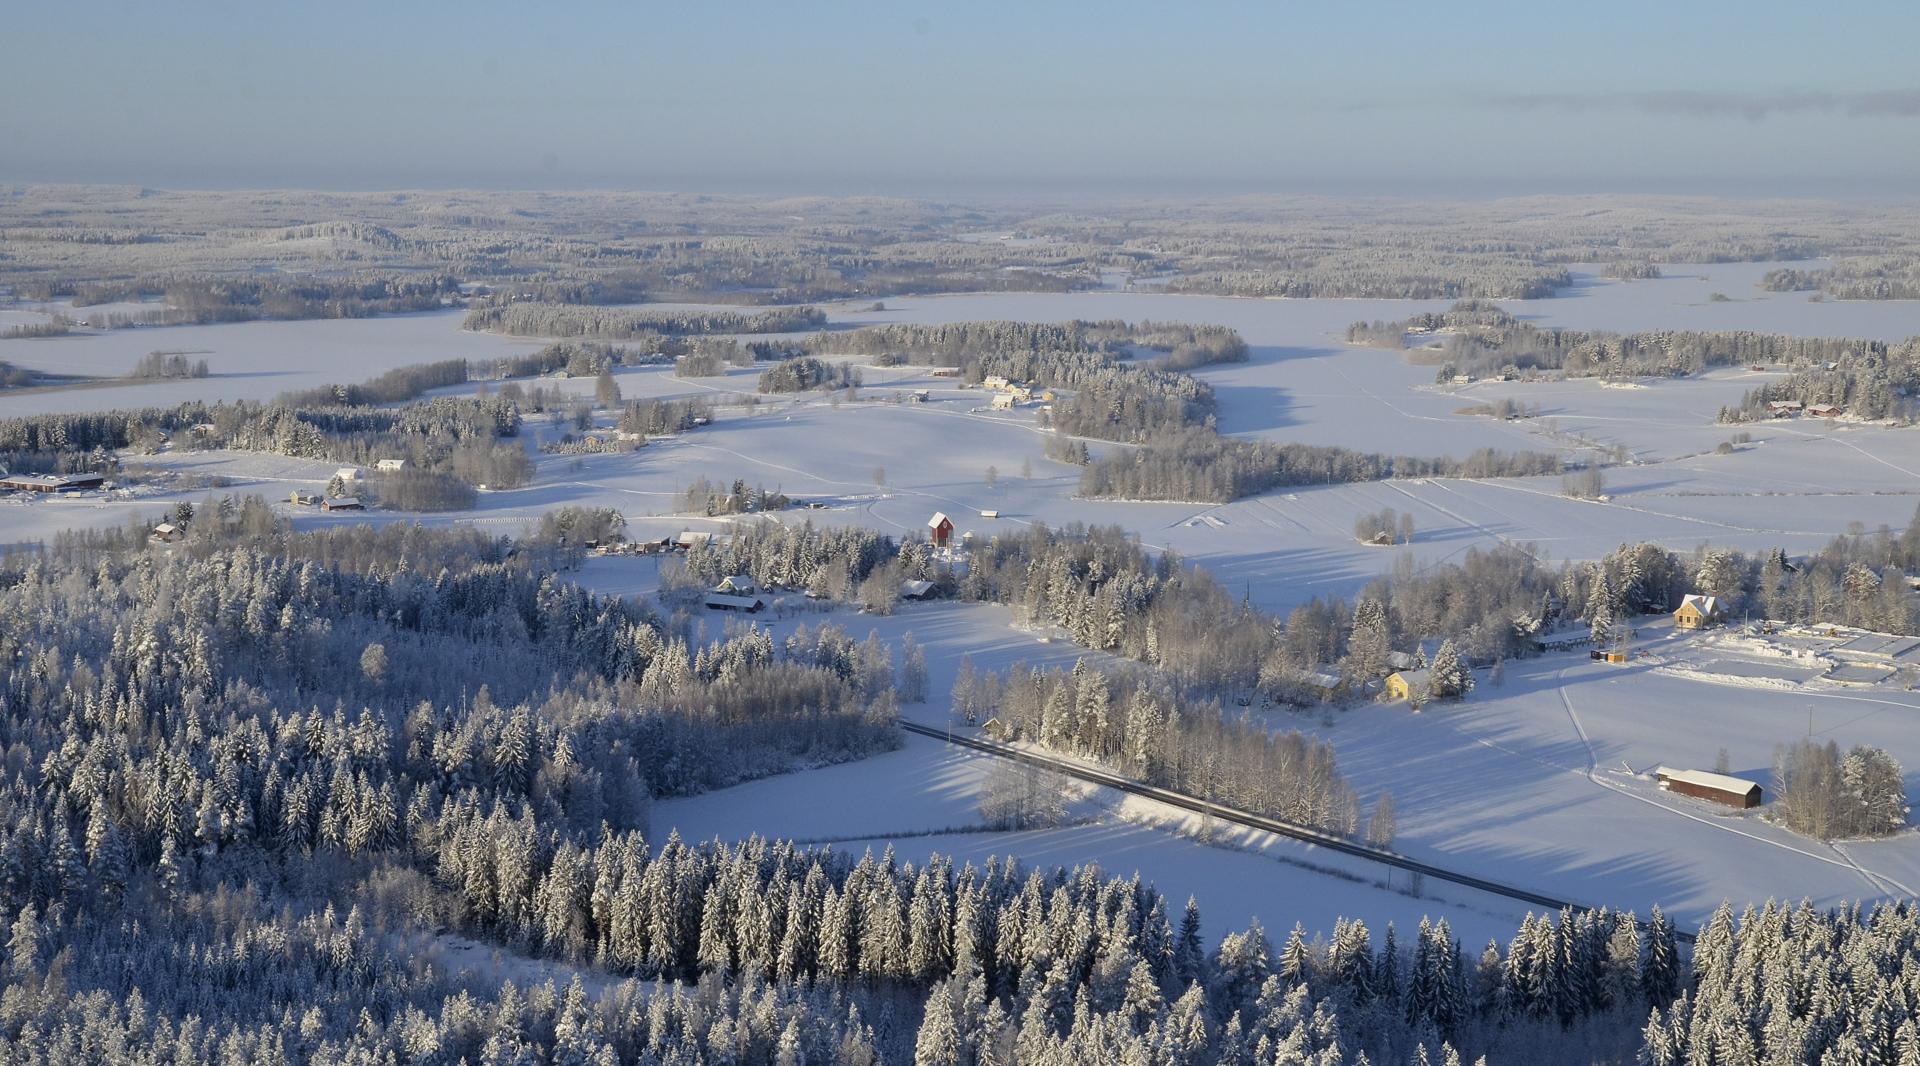 Heti avautuu Koivistonkylän peltomaisemat.